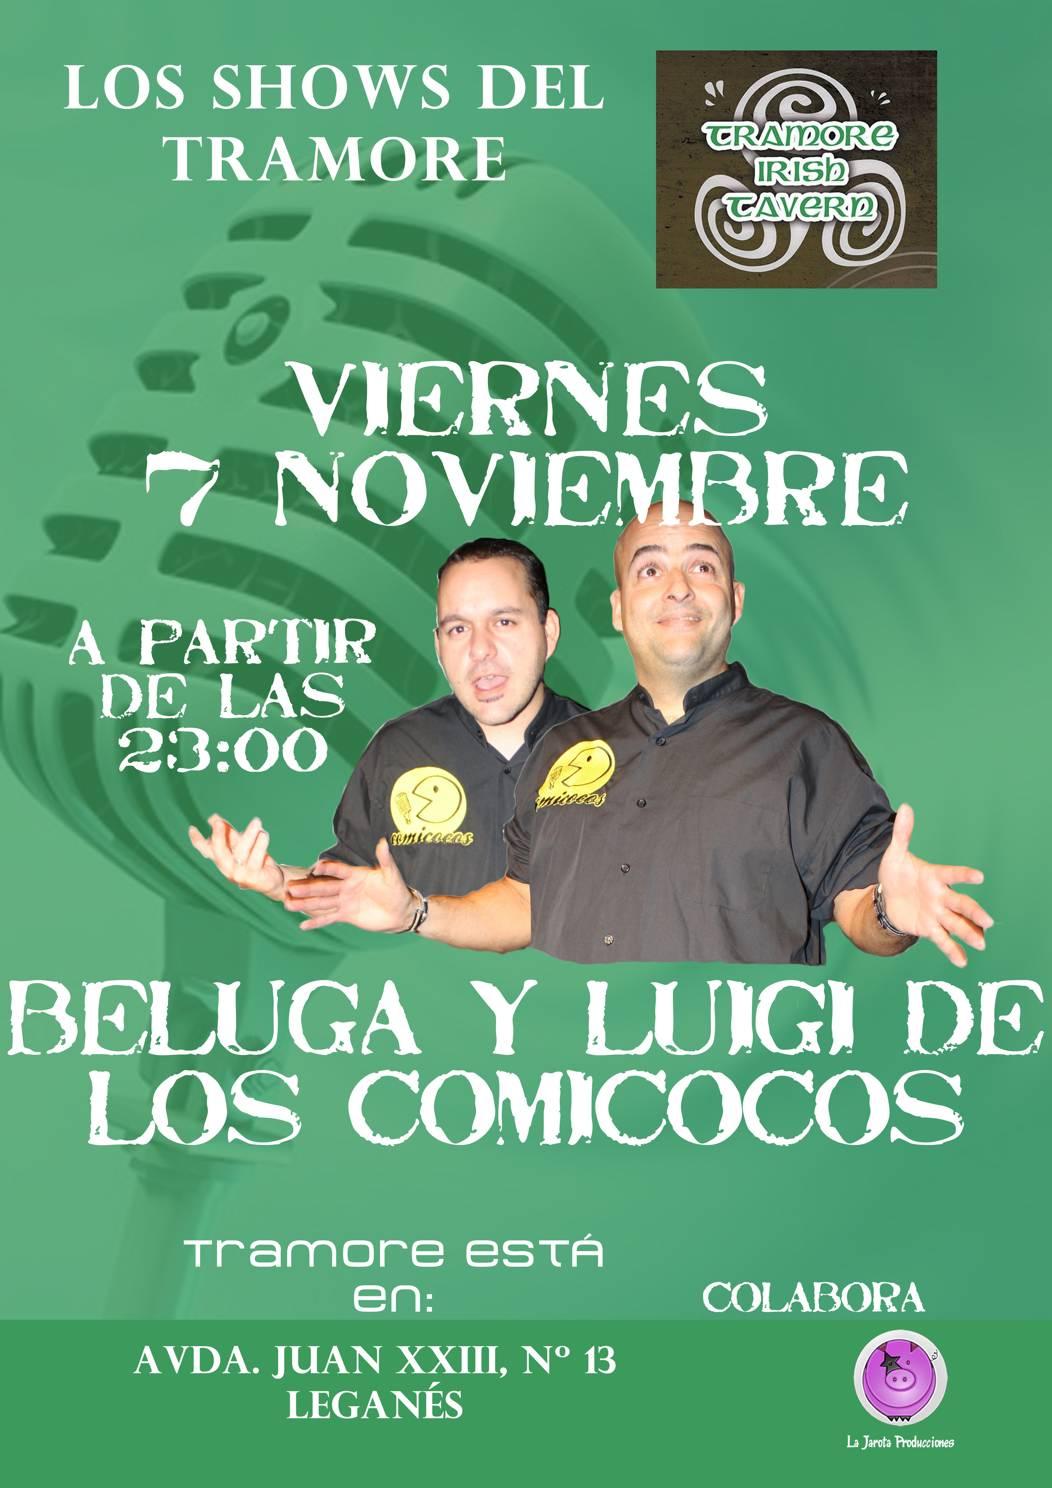 Charlie Beluga y Luigi de los Comicocos en Tramore Irish Tavern